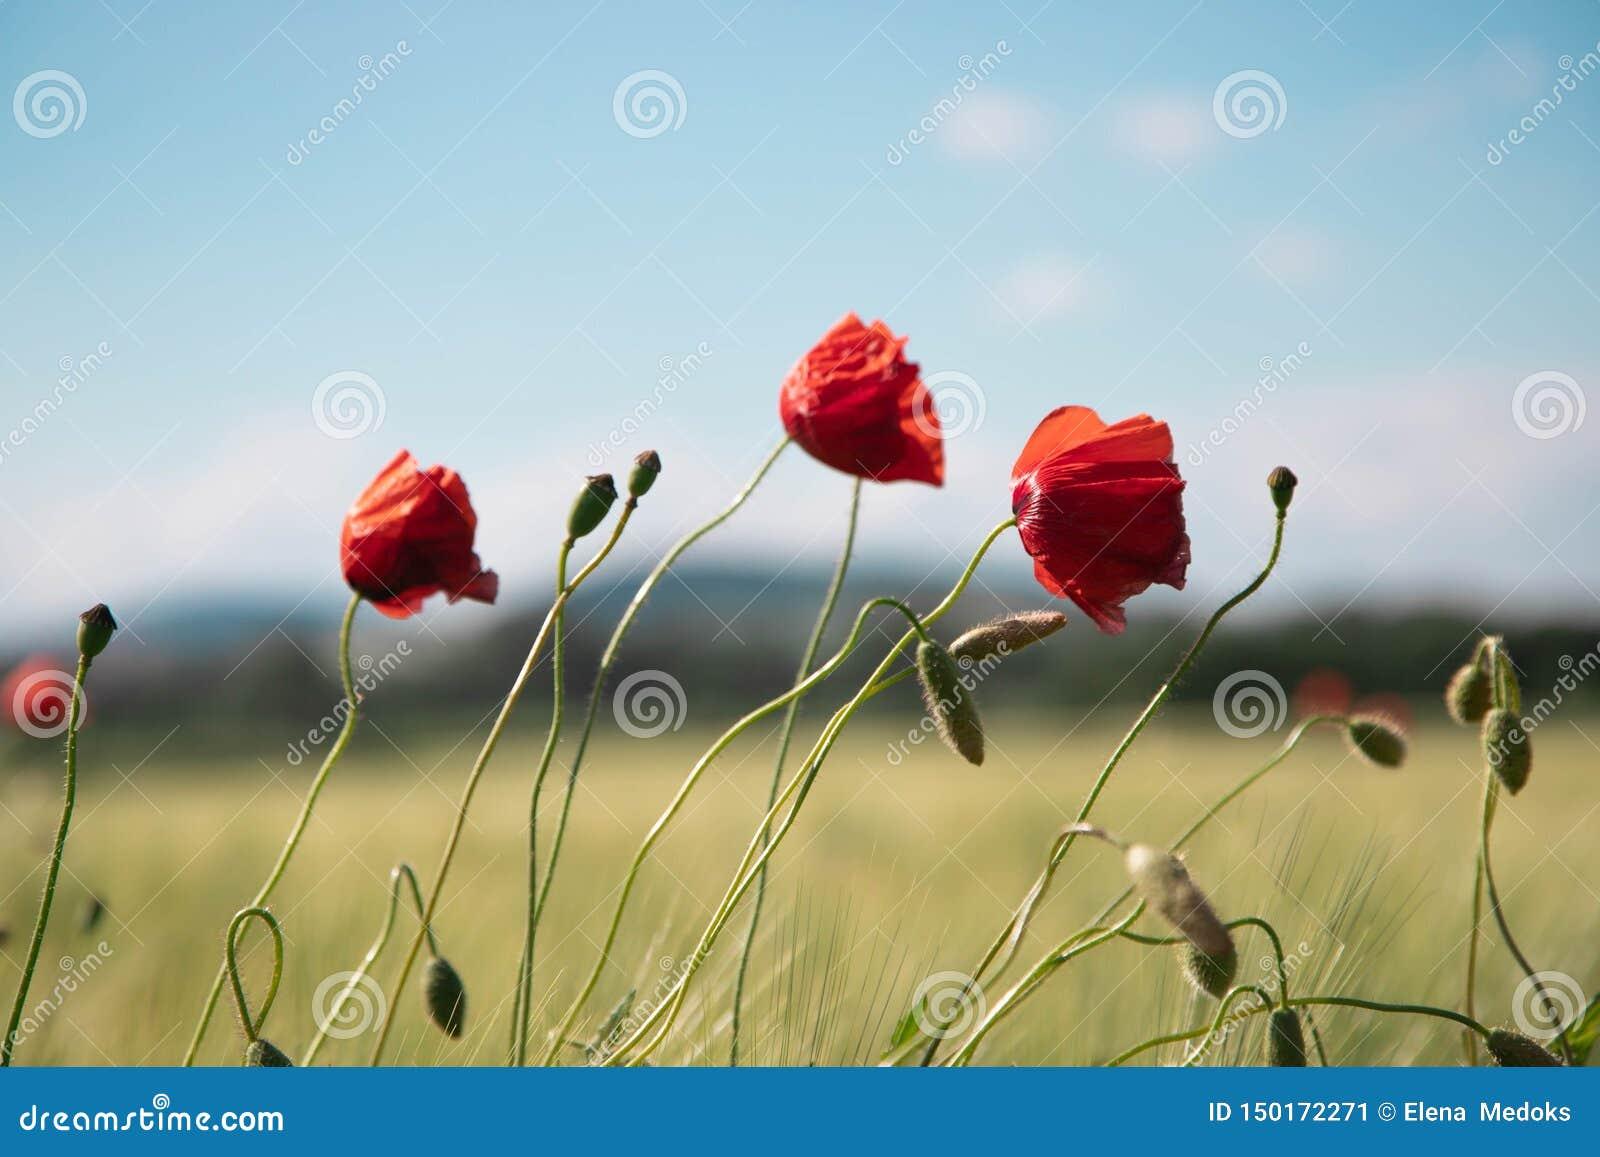 Tre röda vallmoblommor med tunna ben, små stjälk mot bakgrunden av klar blå vårhimmel